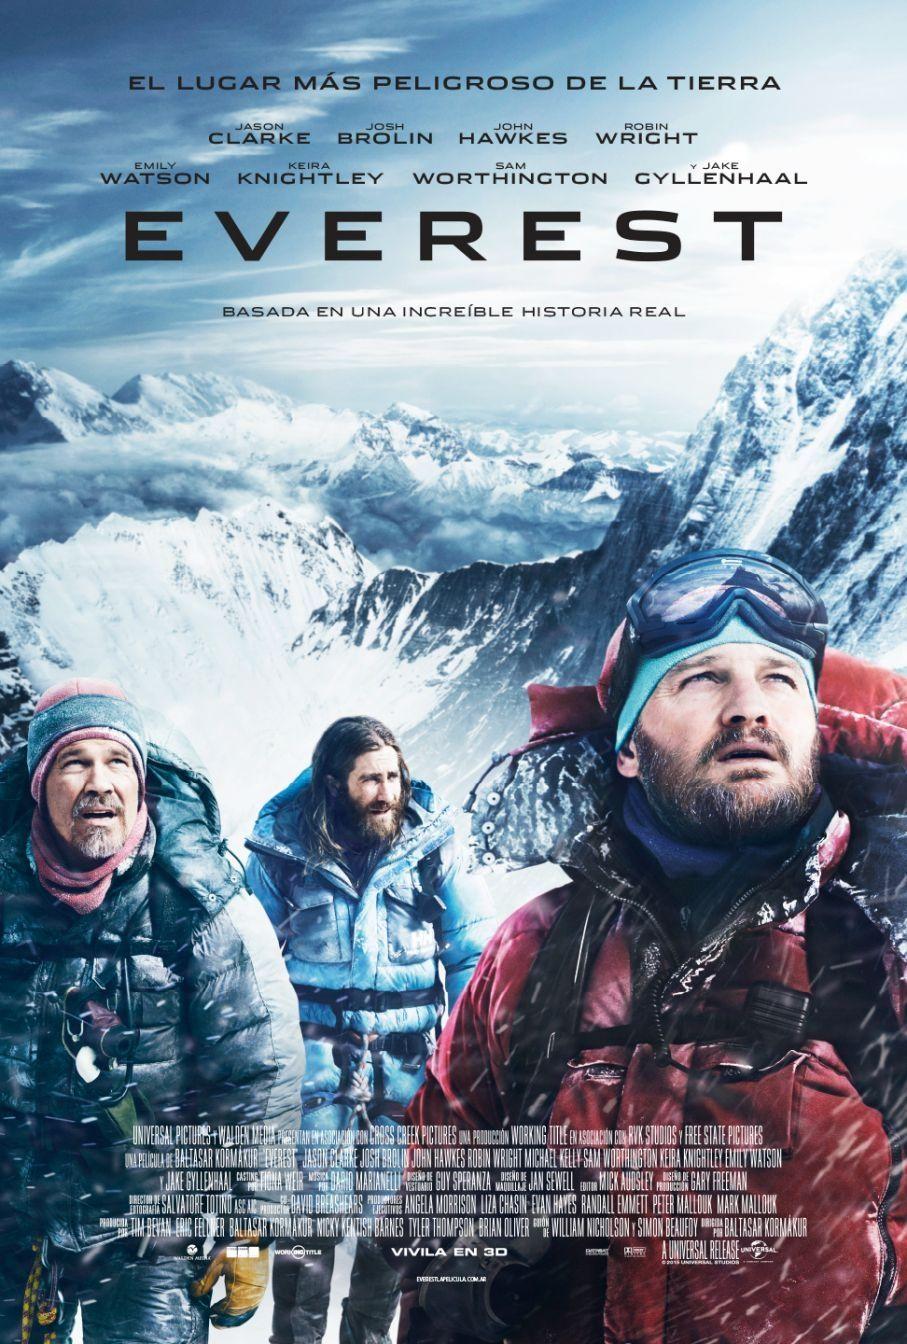 фильм эверест смотреть онлайн в хорошем качестве